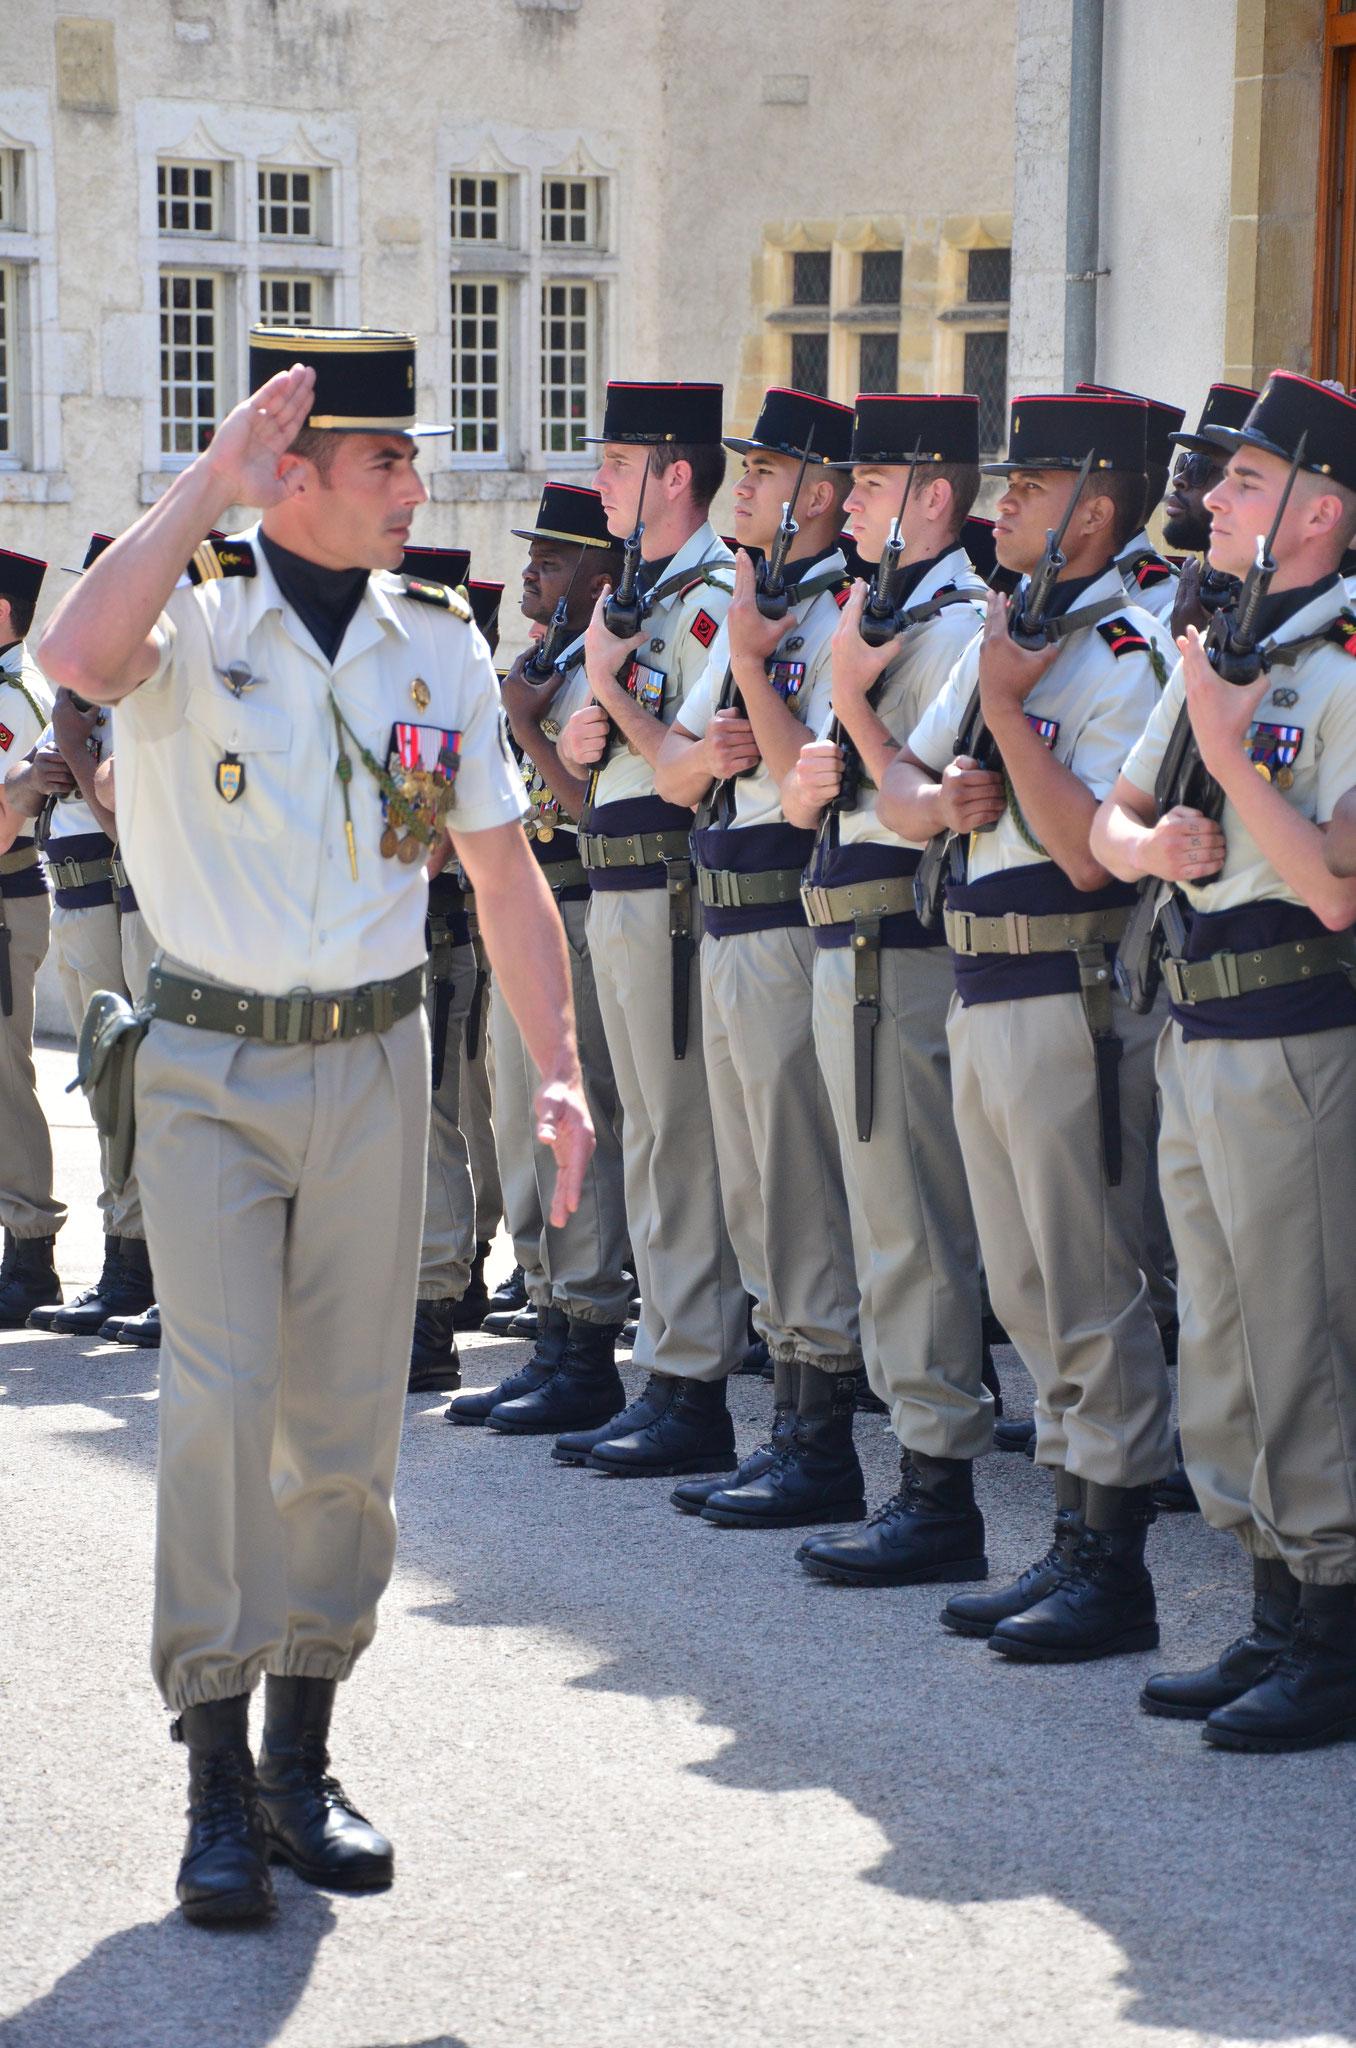 Infirmières datant officiers de police